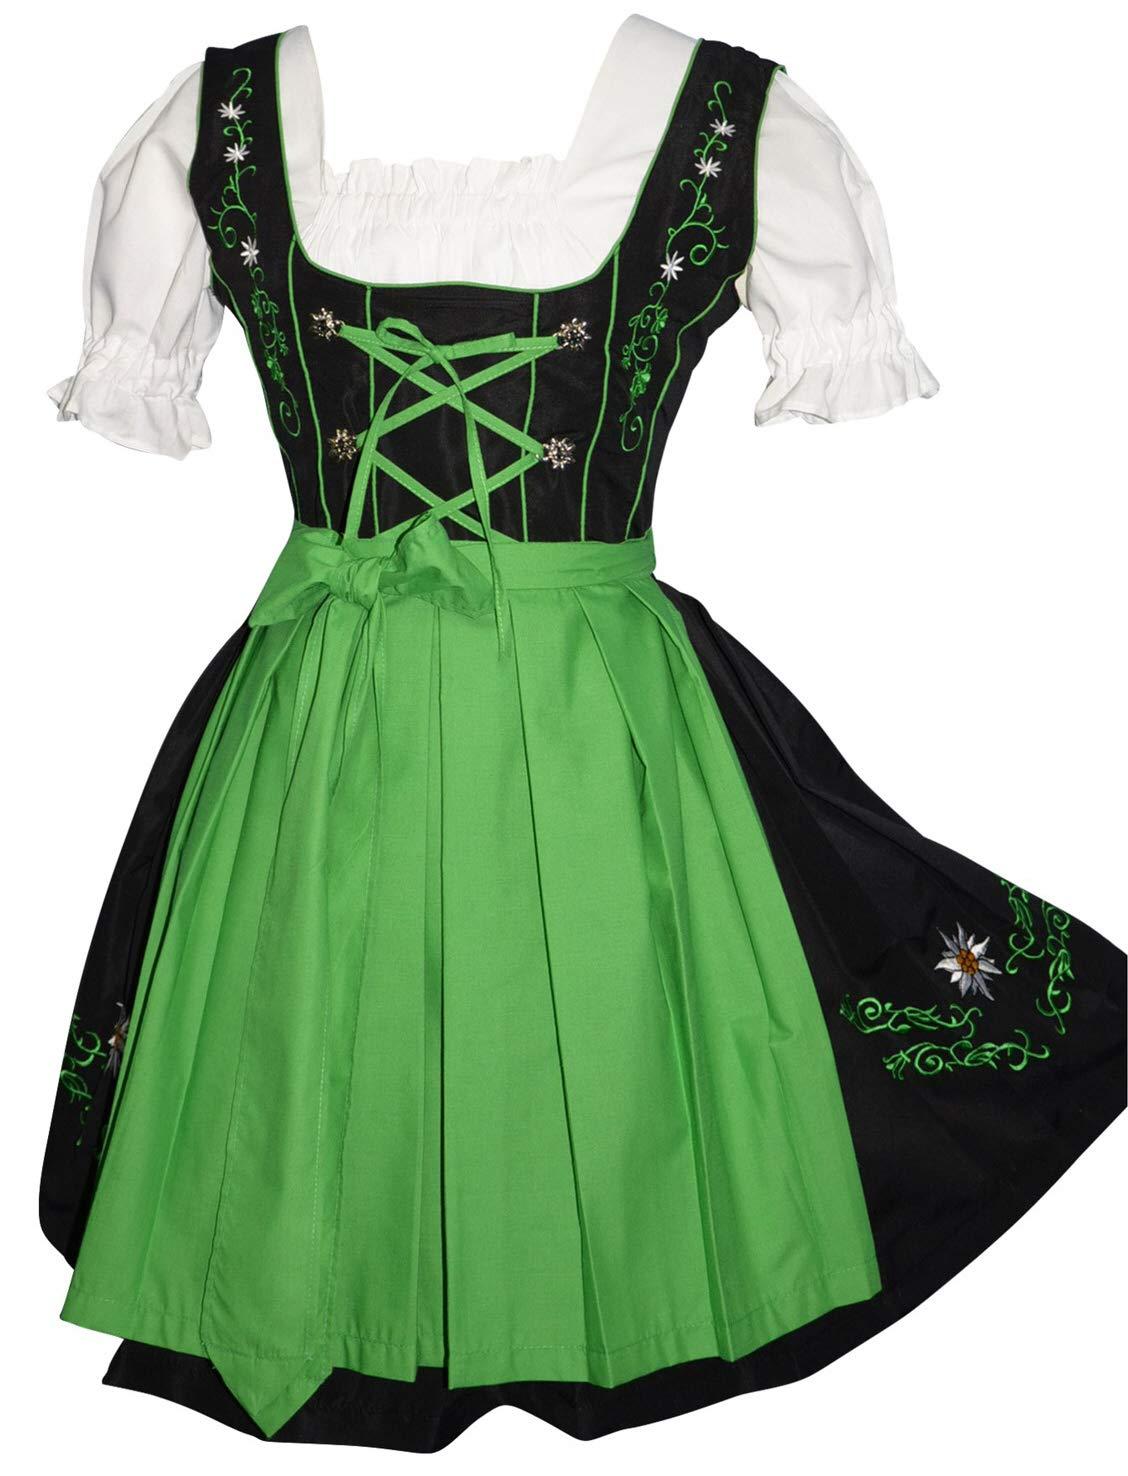 Edelweiss Creek 3-Piece Short German Party Oktoberfest Dirndl Dress Black & Green (14)